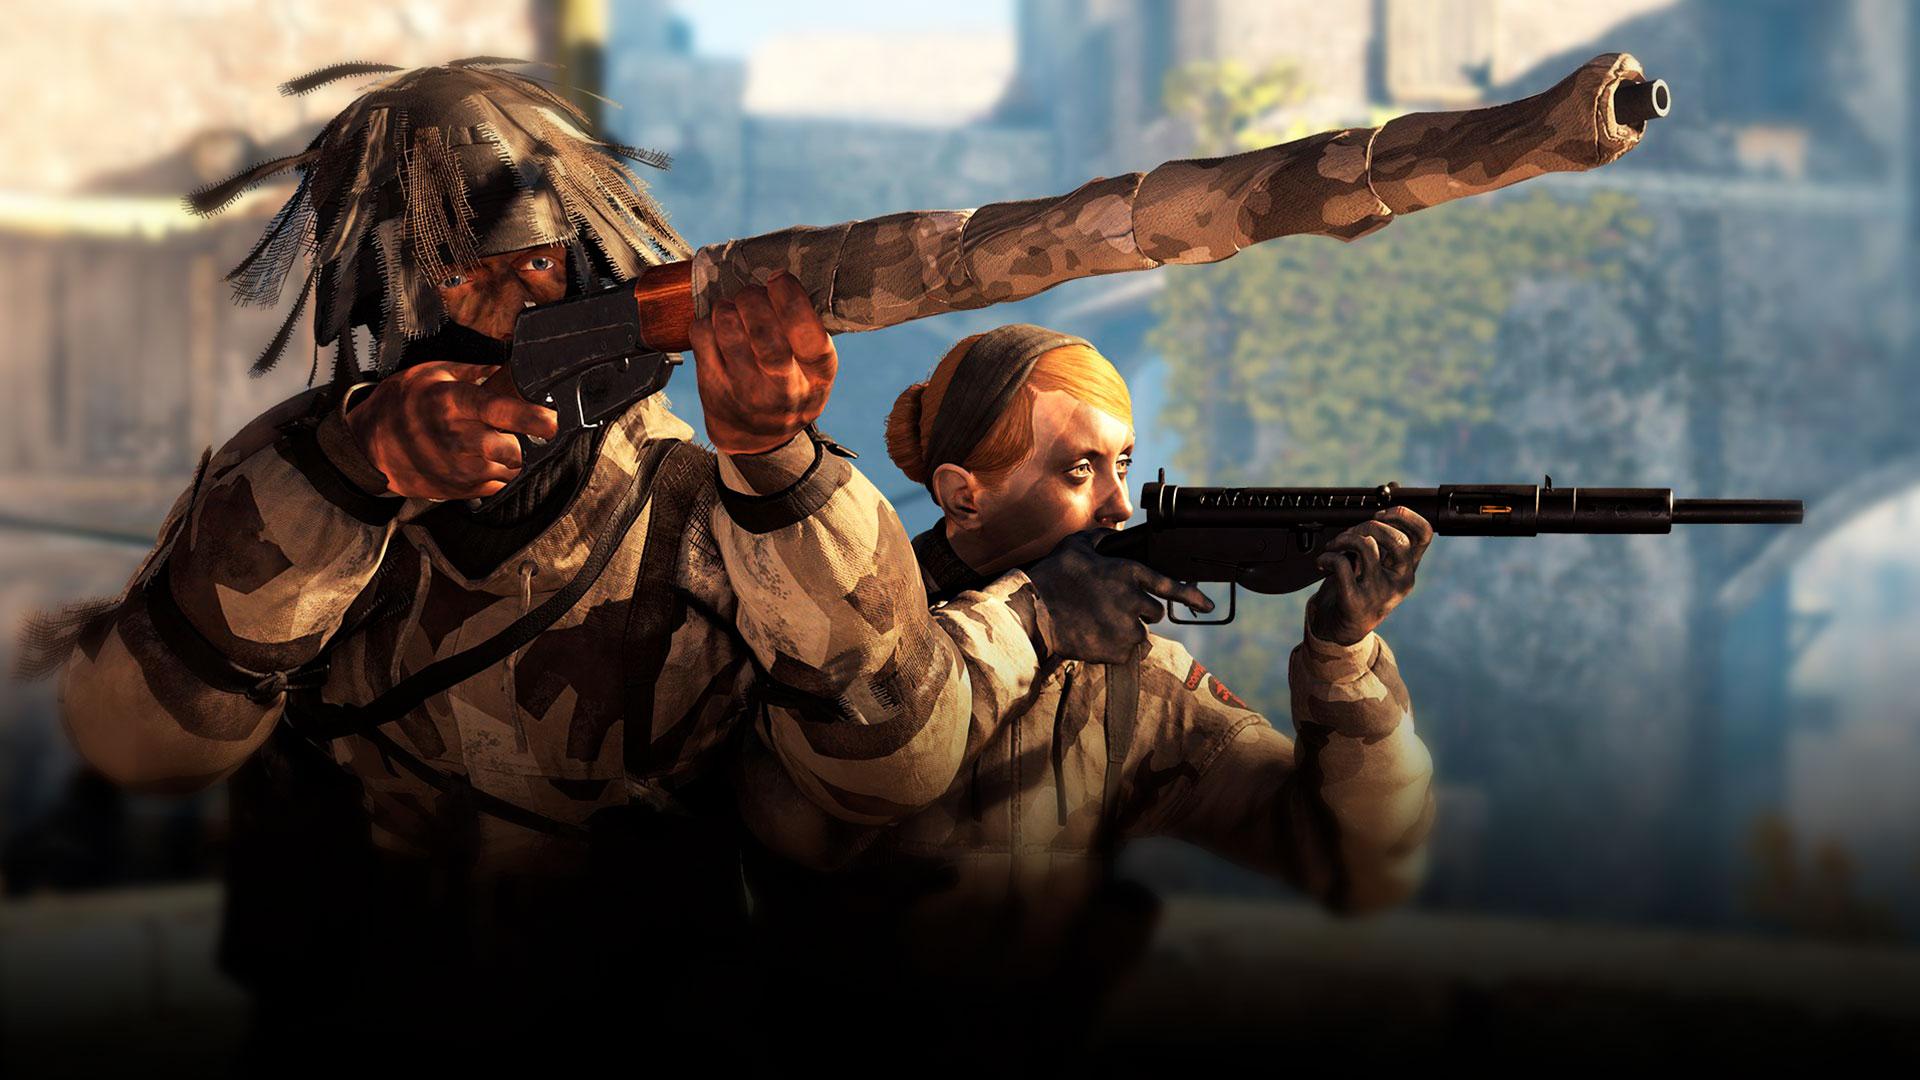 Sniper Elite